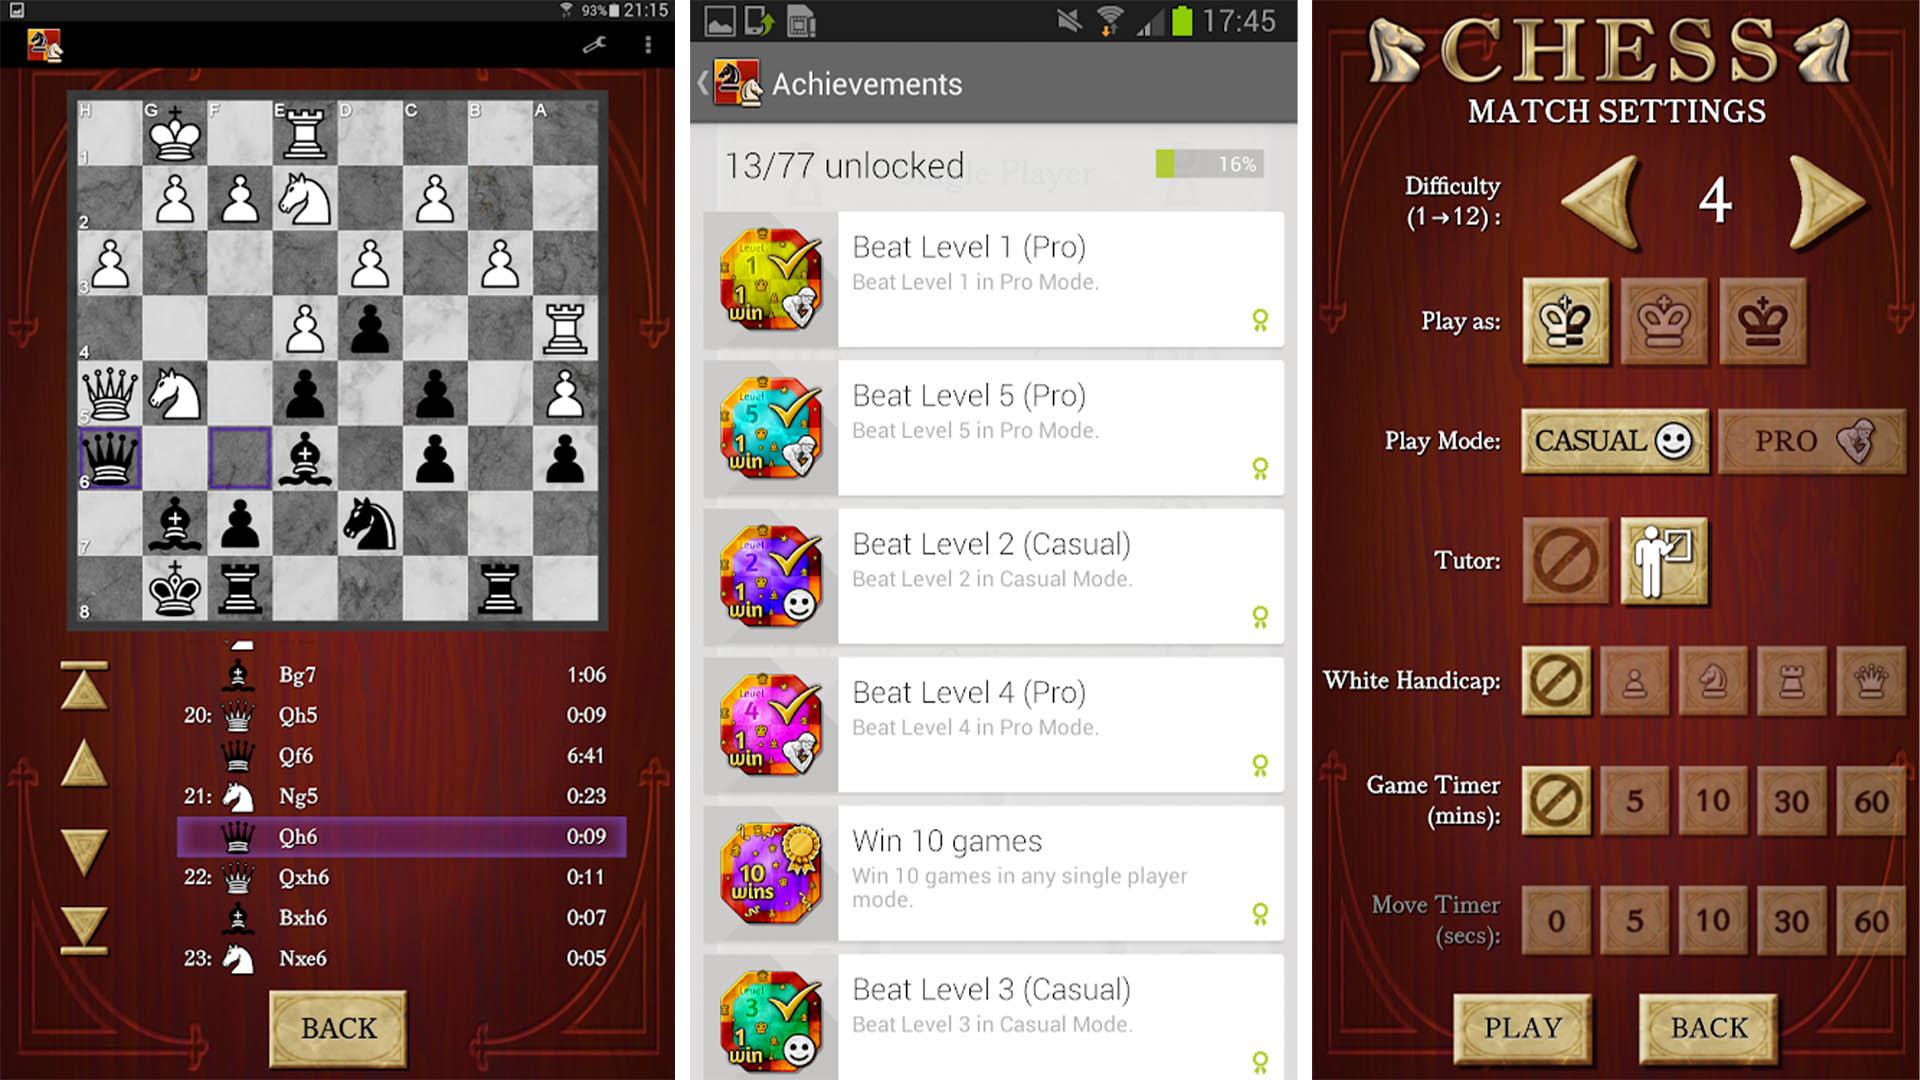 Chess Free screenshot 2020